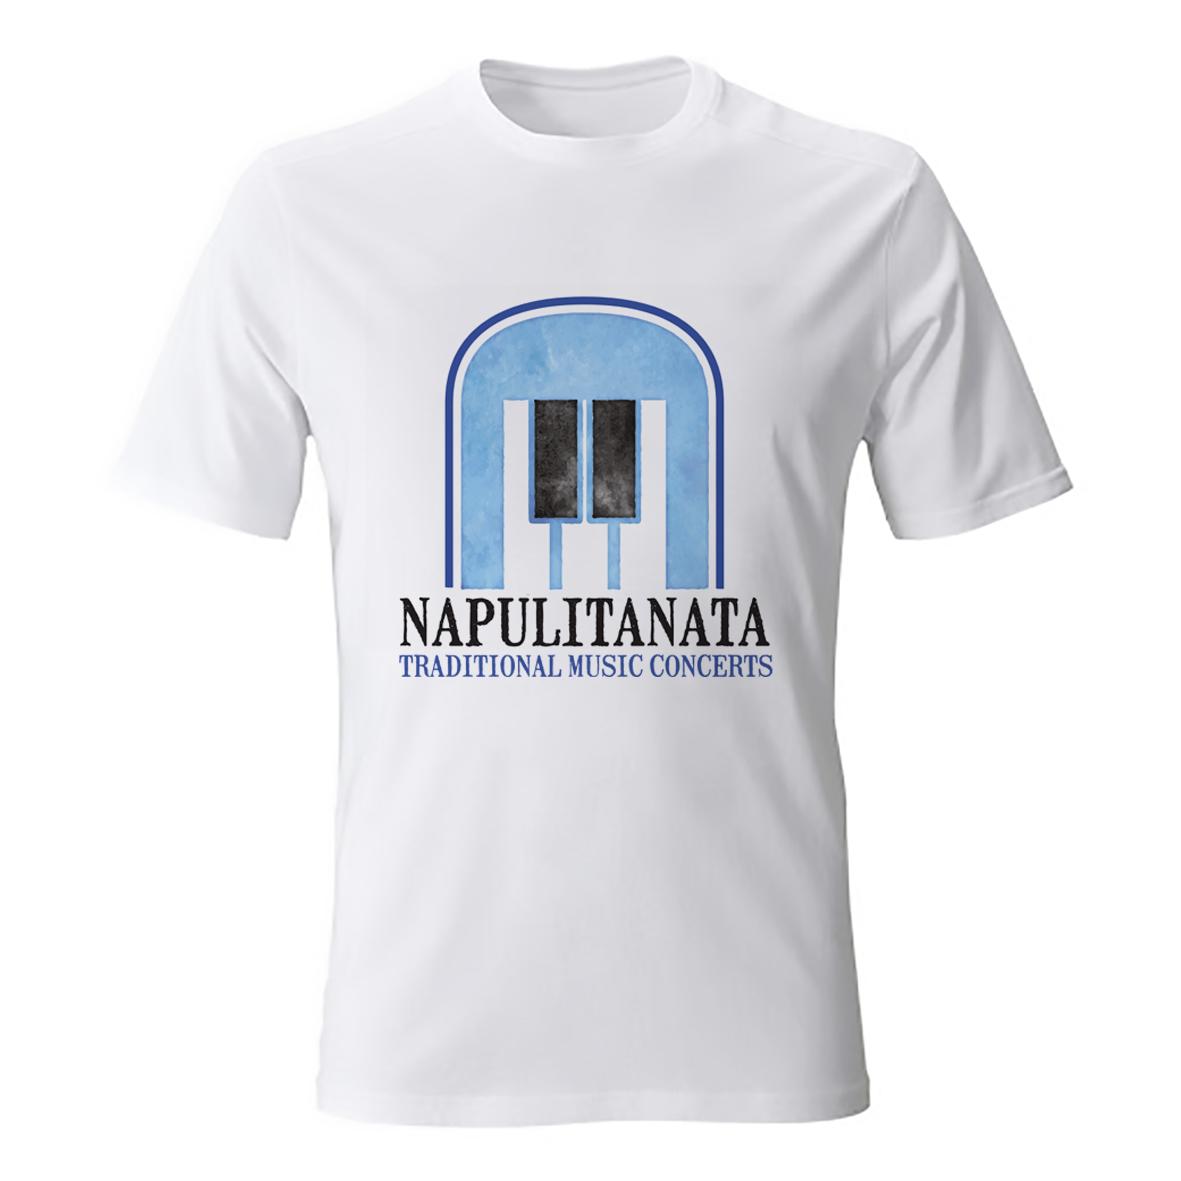 T-shirt Napulitanata